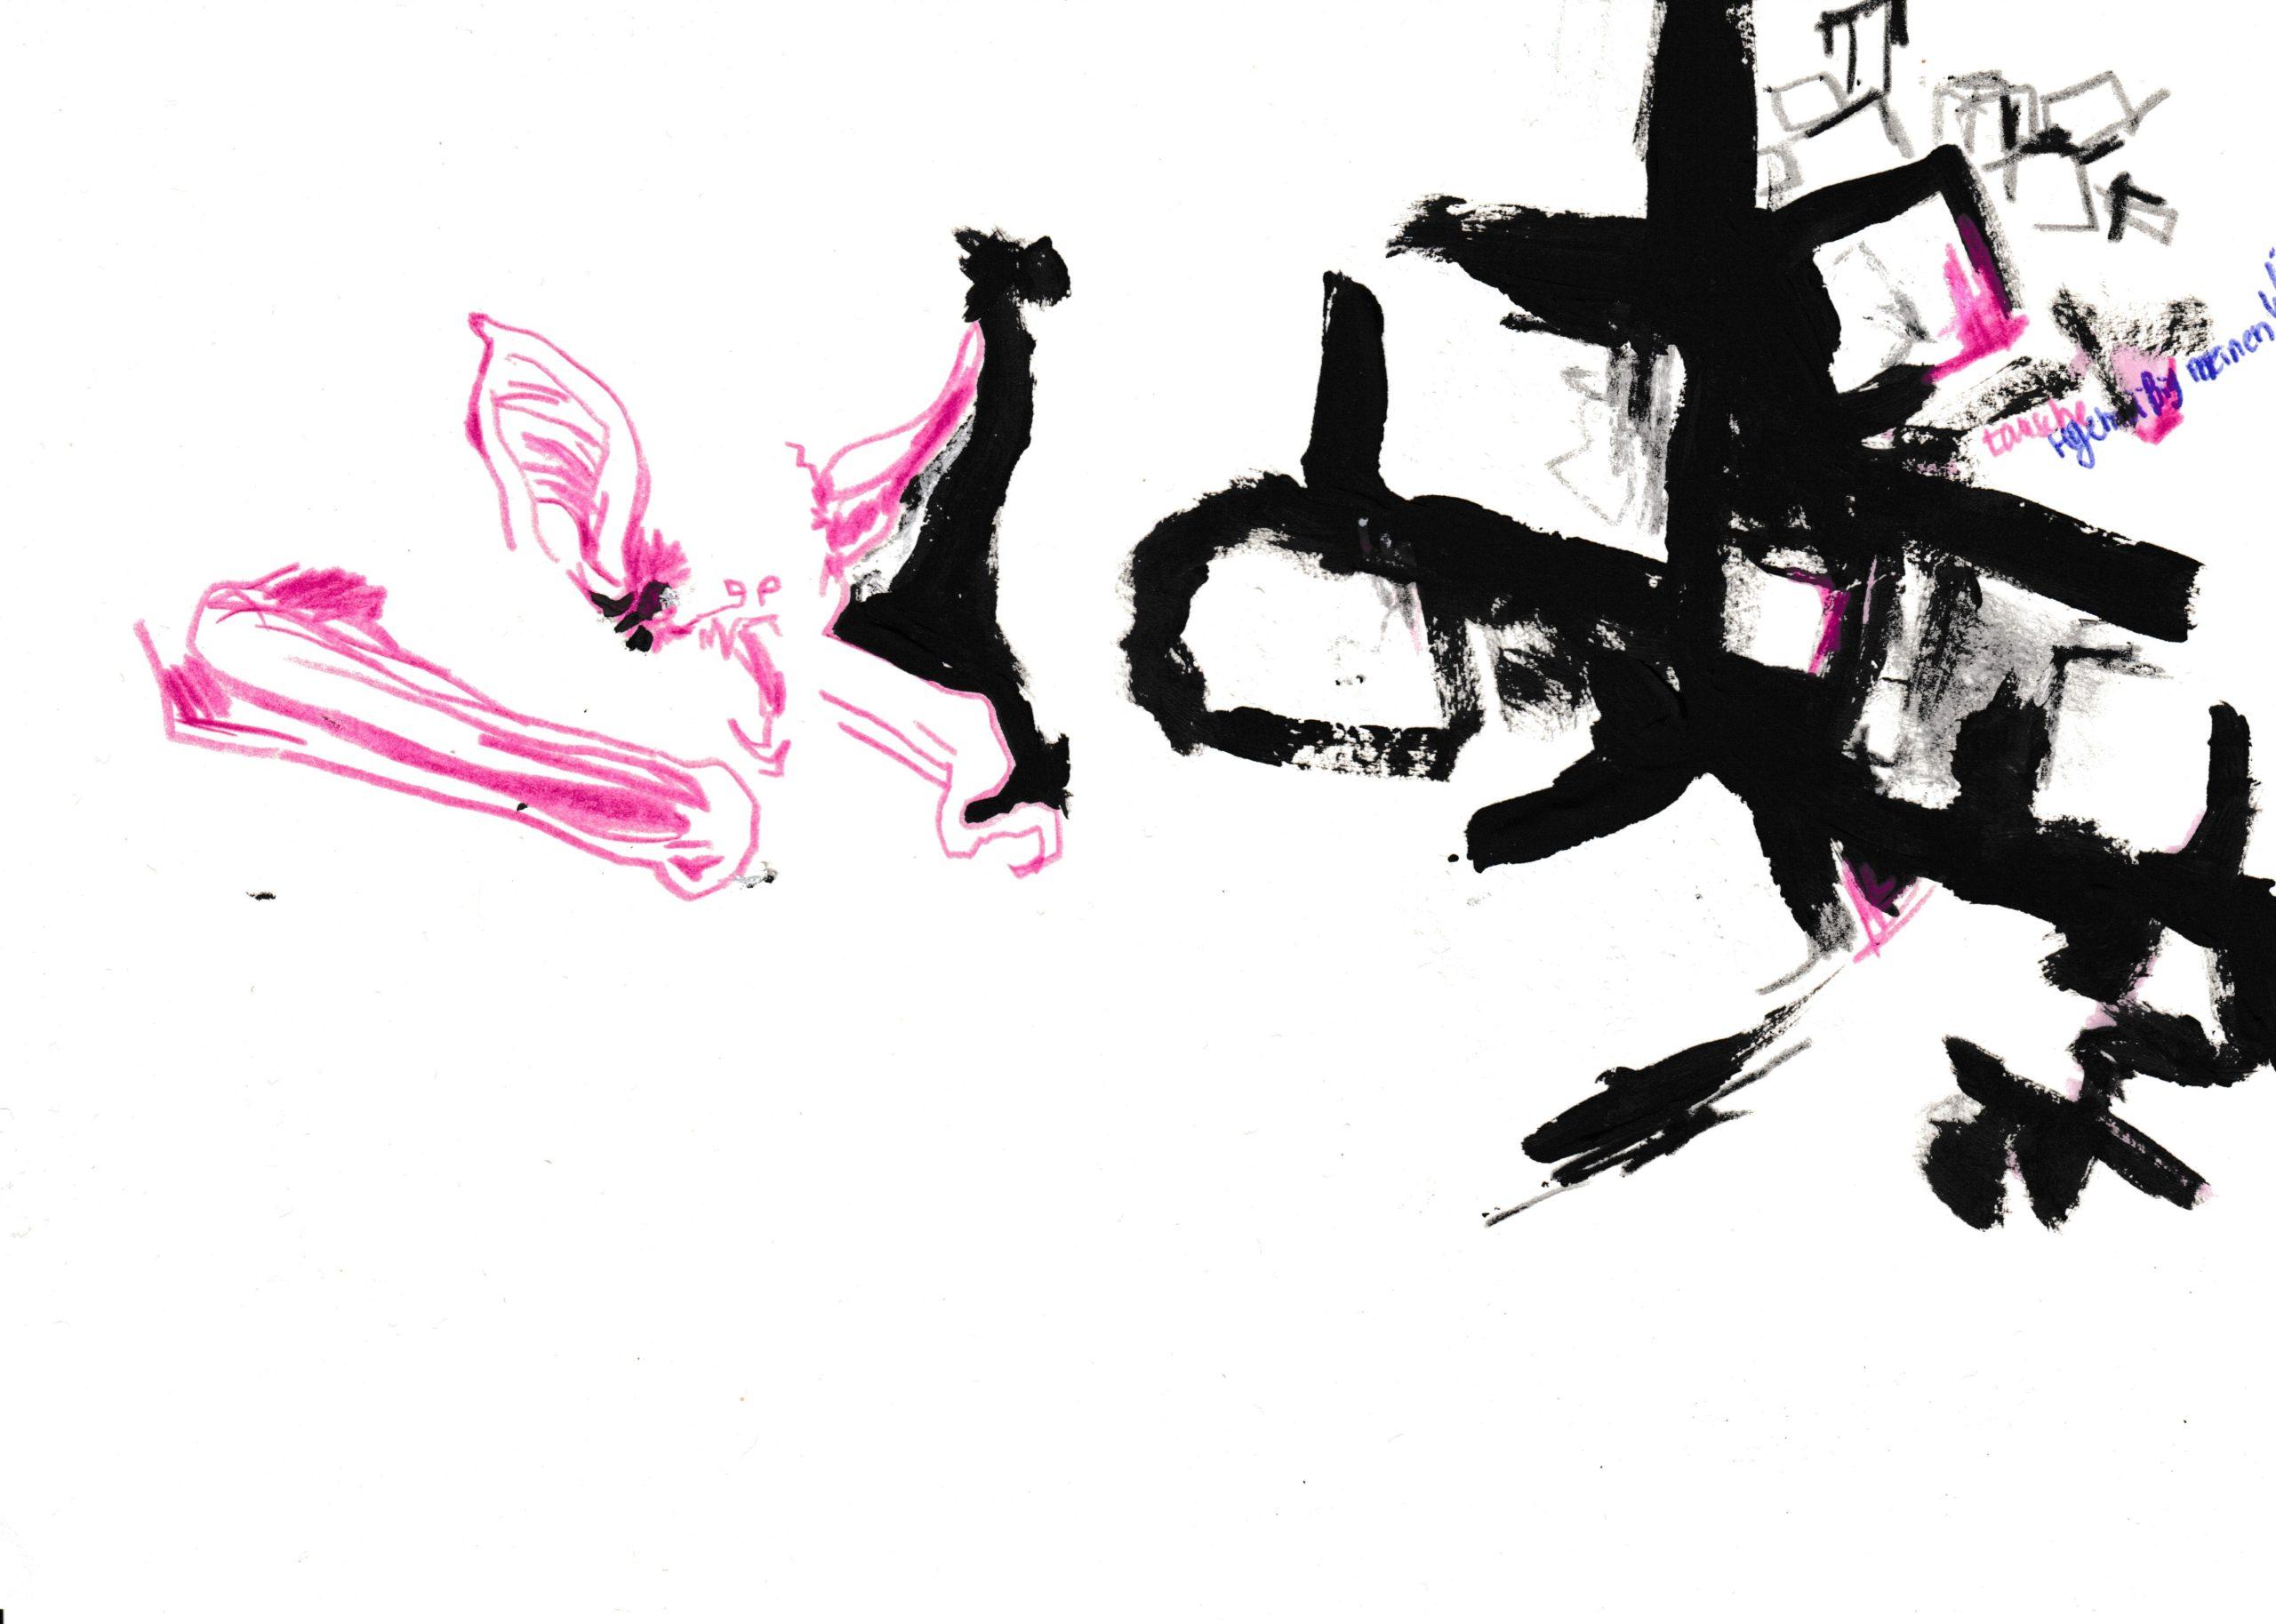 Wirtsgeschäfte, Farbstift,Kugelschreiber,Bleistift, Acryl, Pastell-Ölkreide und Textmarker auf Papier, DIN A5, 2020 by Melissa Hermann